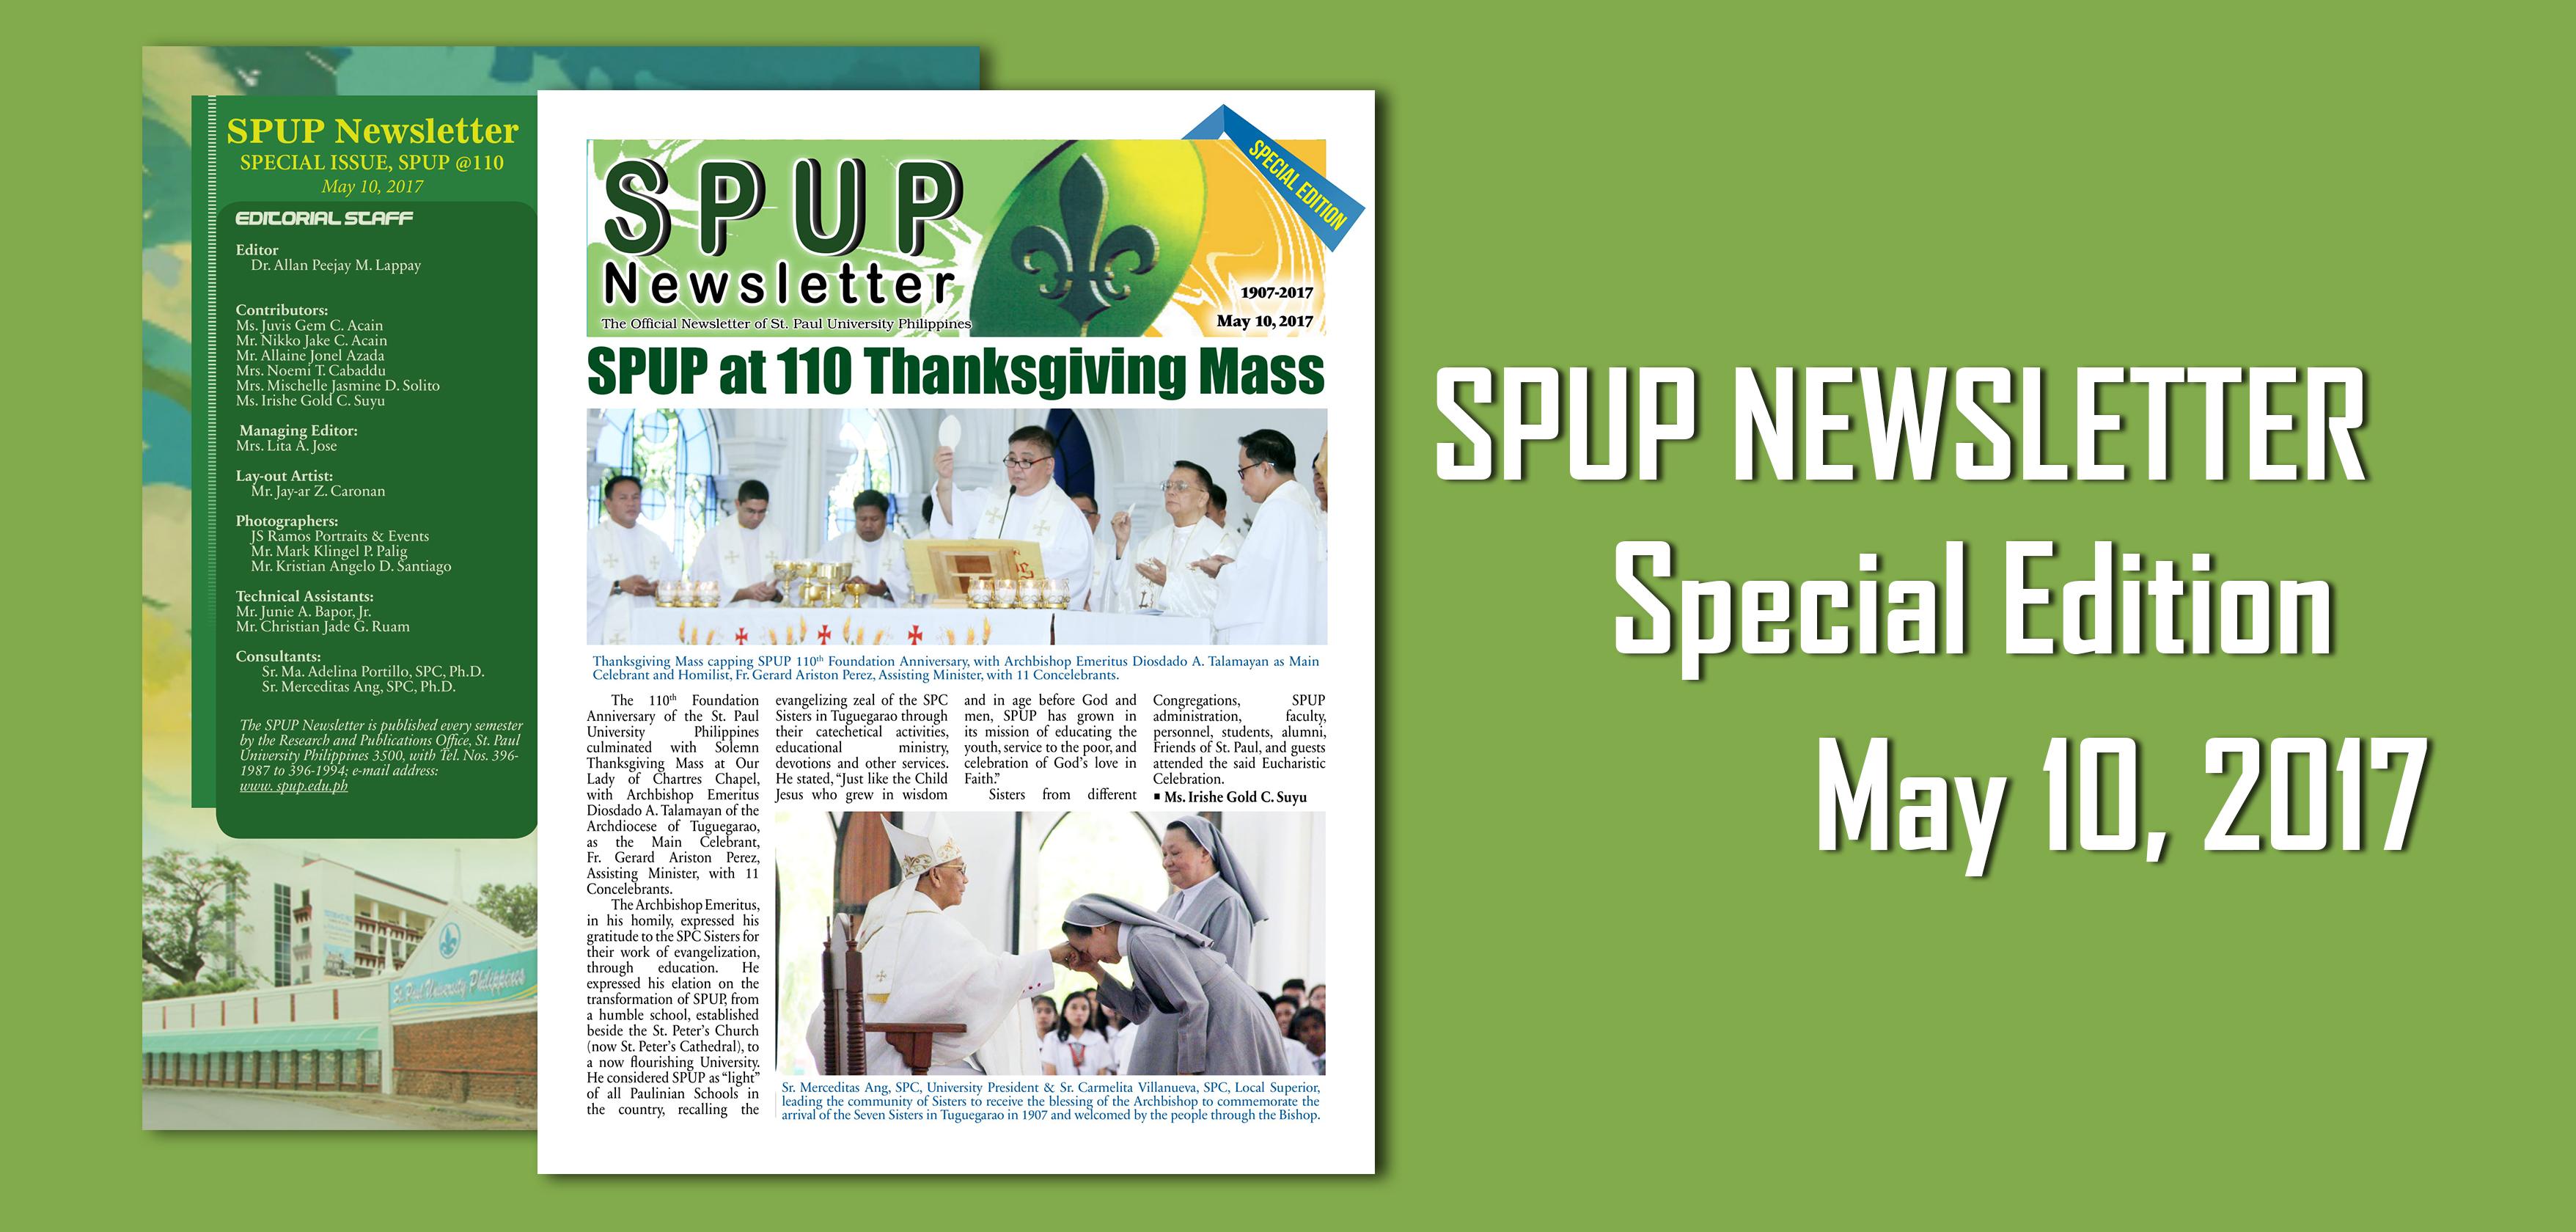 newsletter-special-05-10-17.jpg